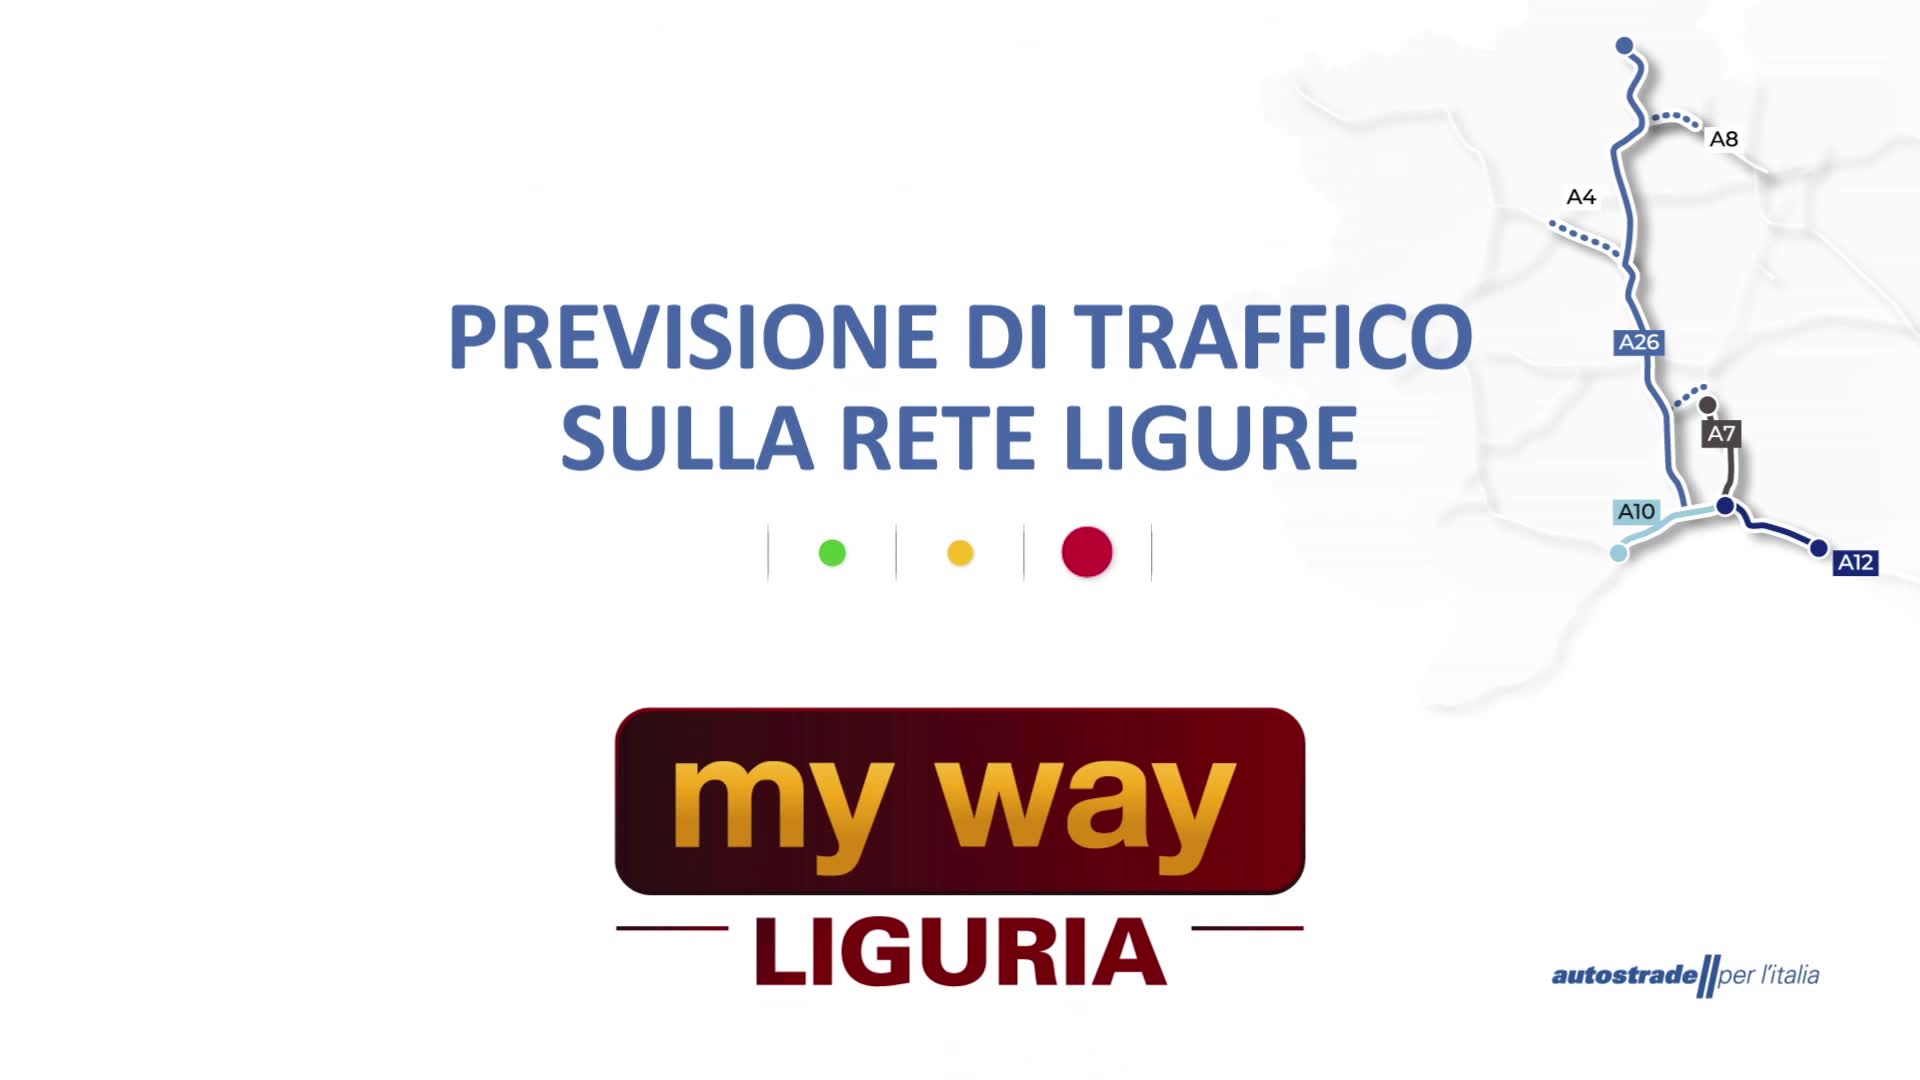 Le previsioni di traffico sulle autostrade della Liguria per venerdì 23 luglio